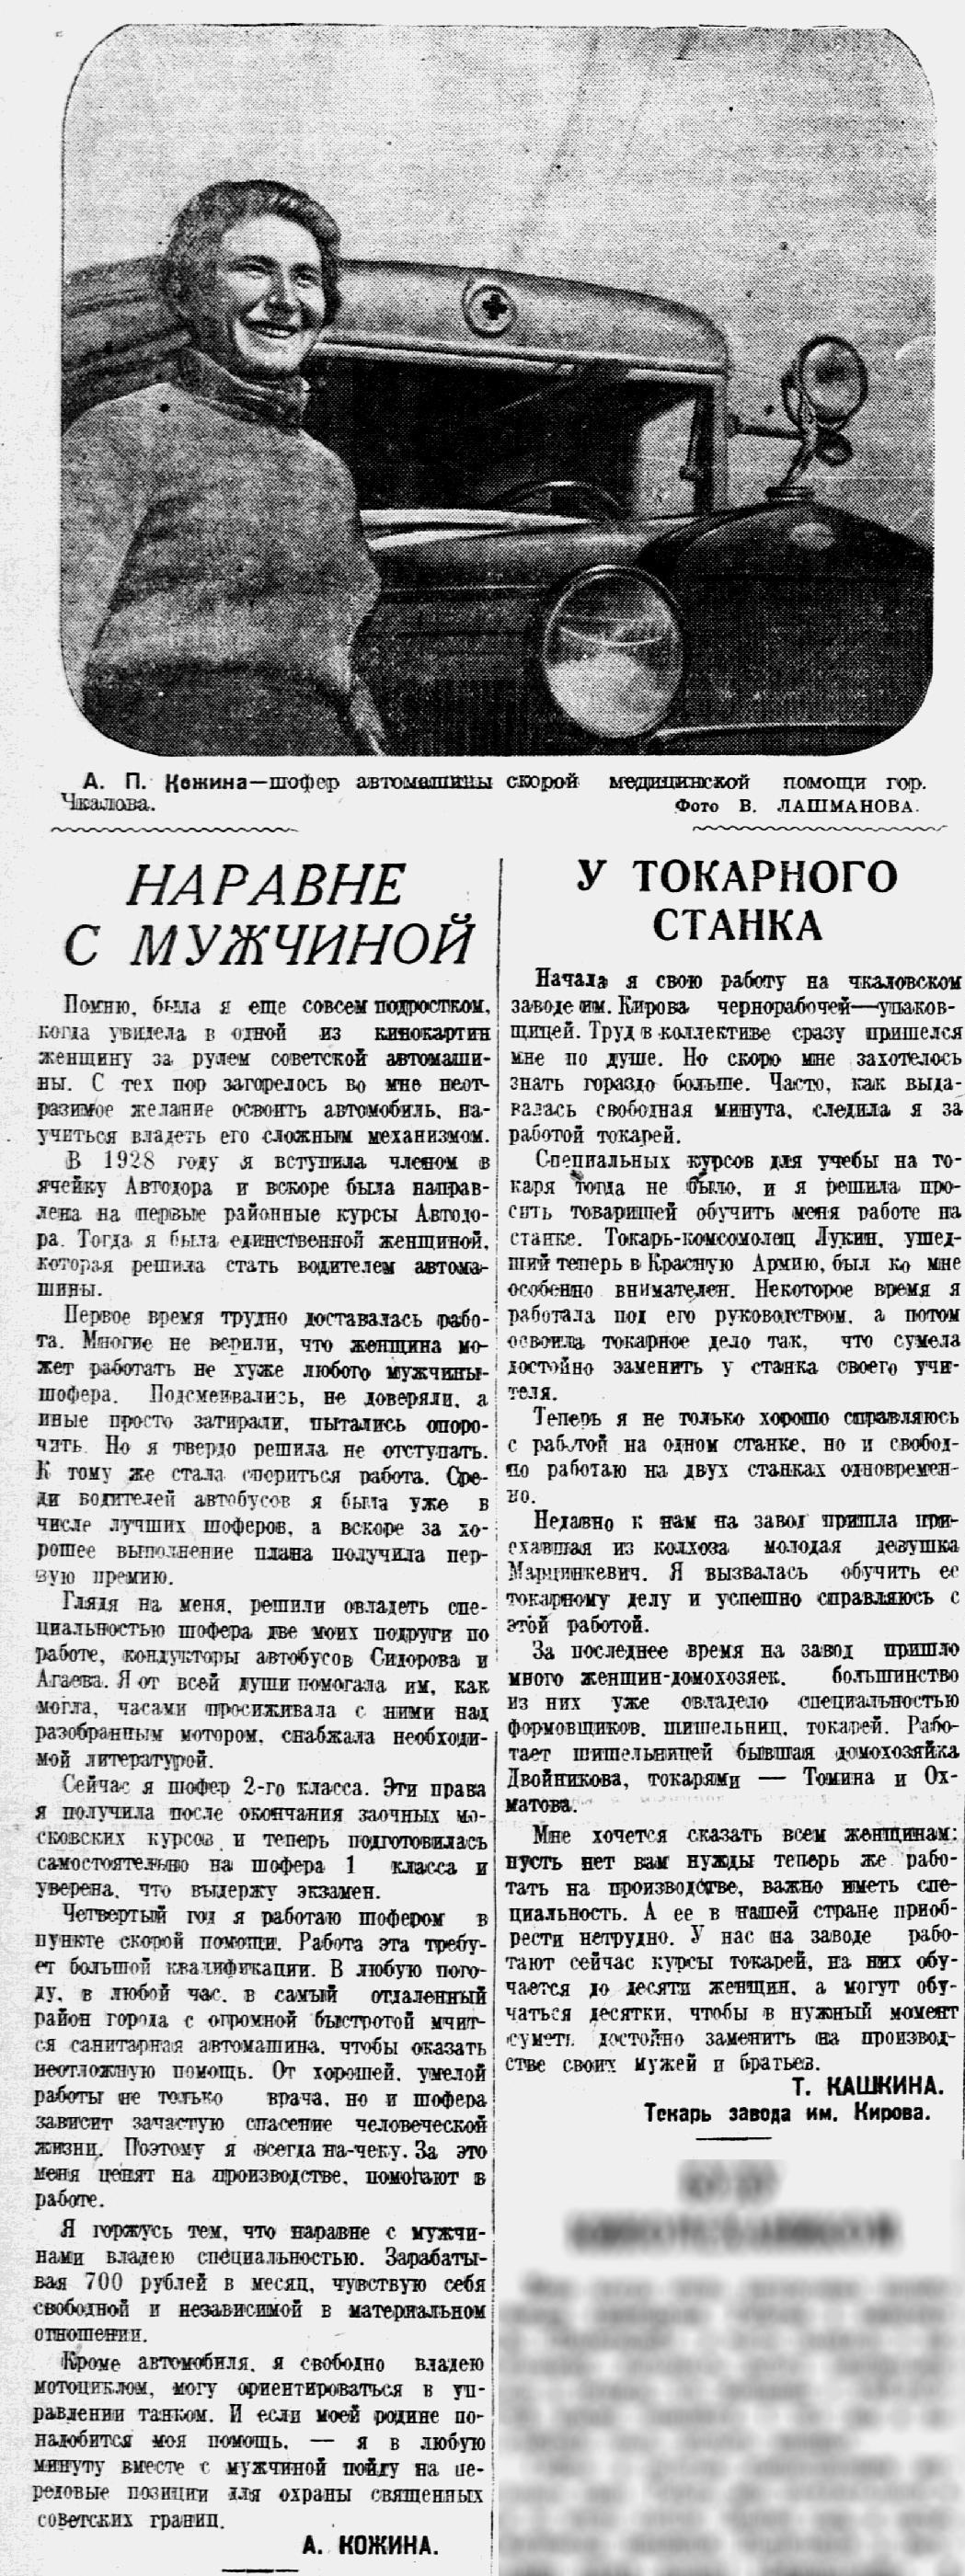 """фрагмент газеты """"Чкаловская коммуна"""" №229 1939 г."""